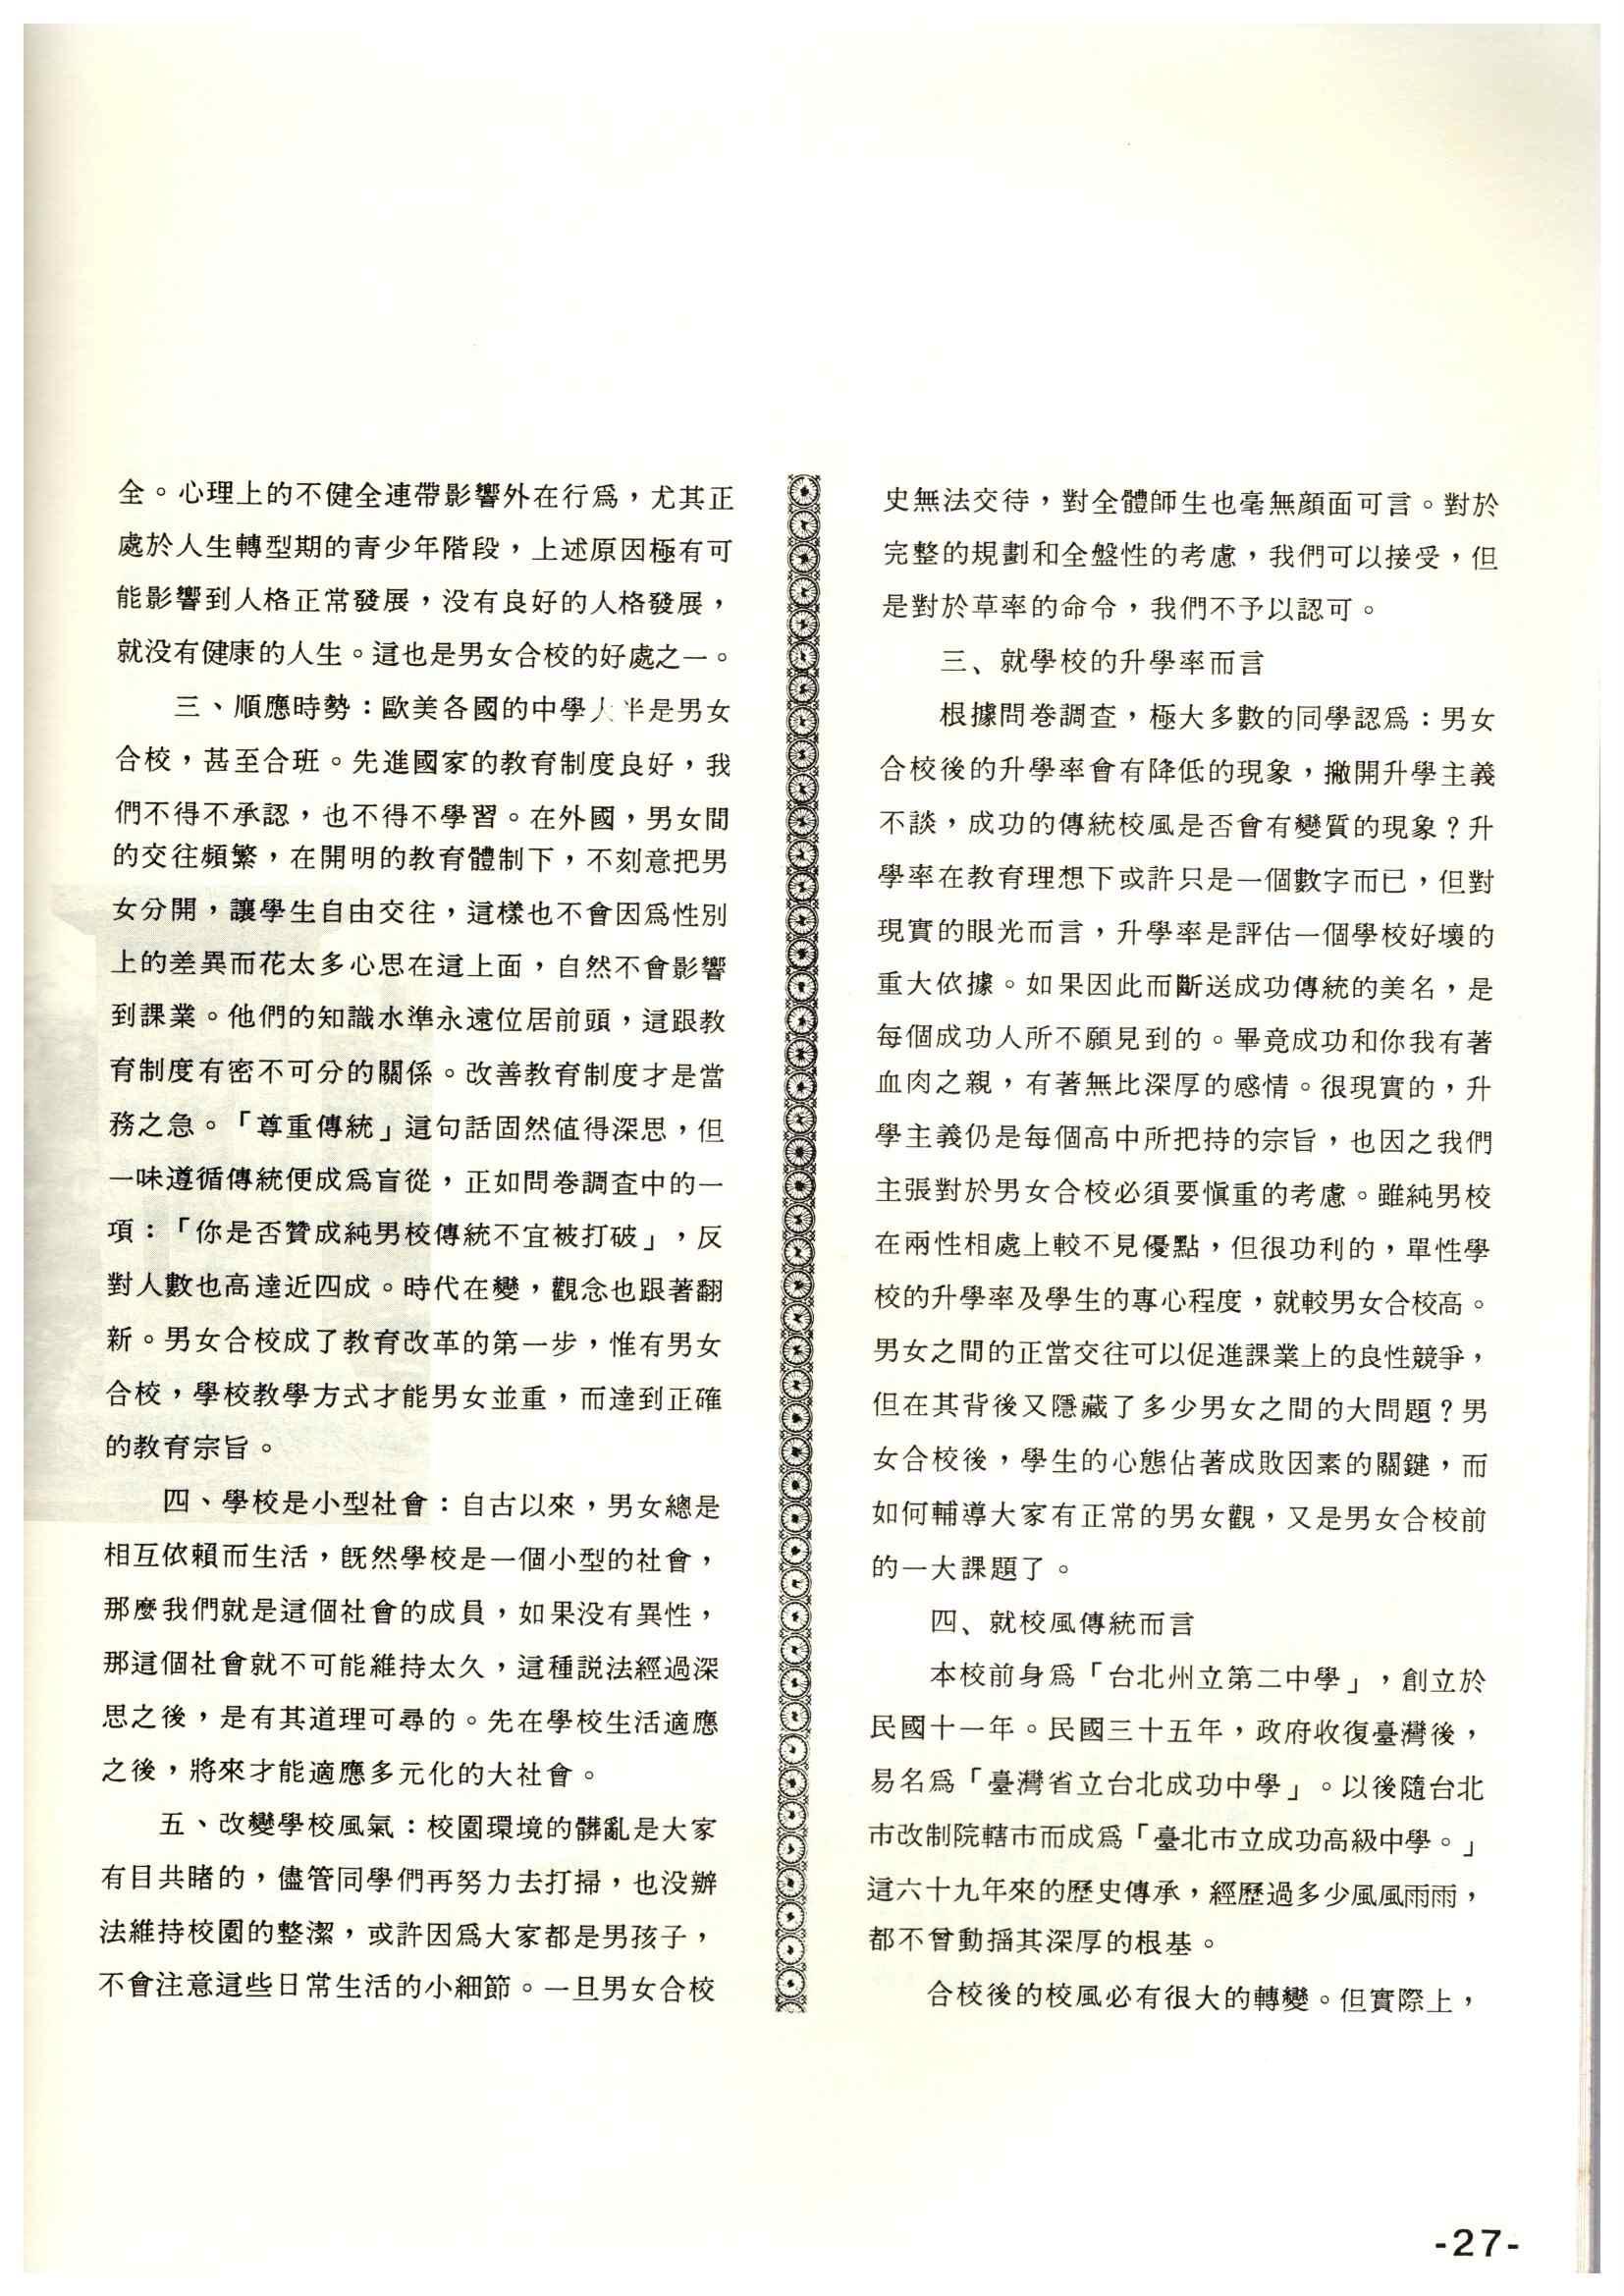 《成功青年122》p.27